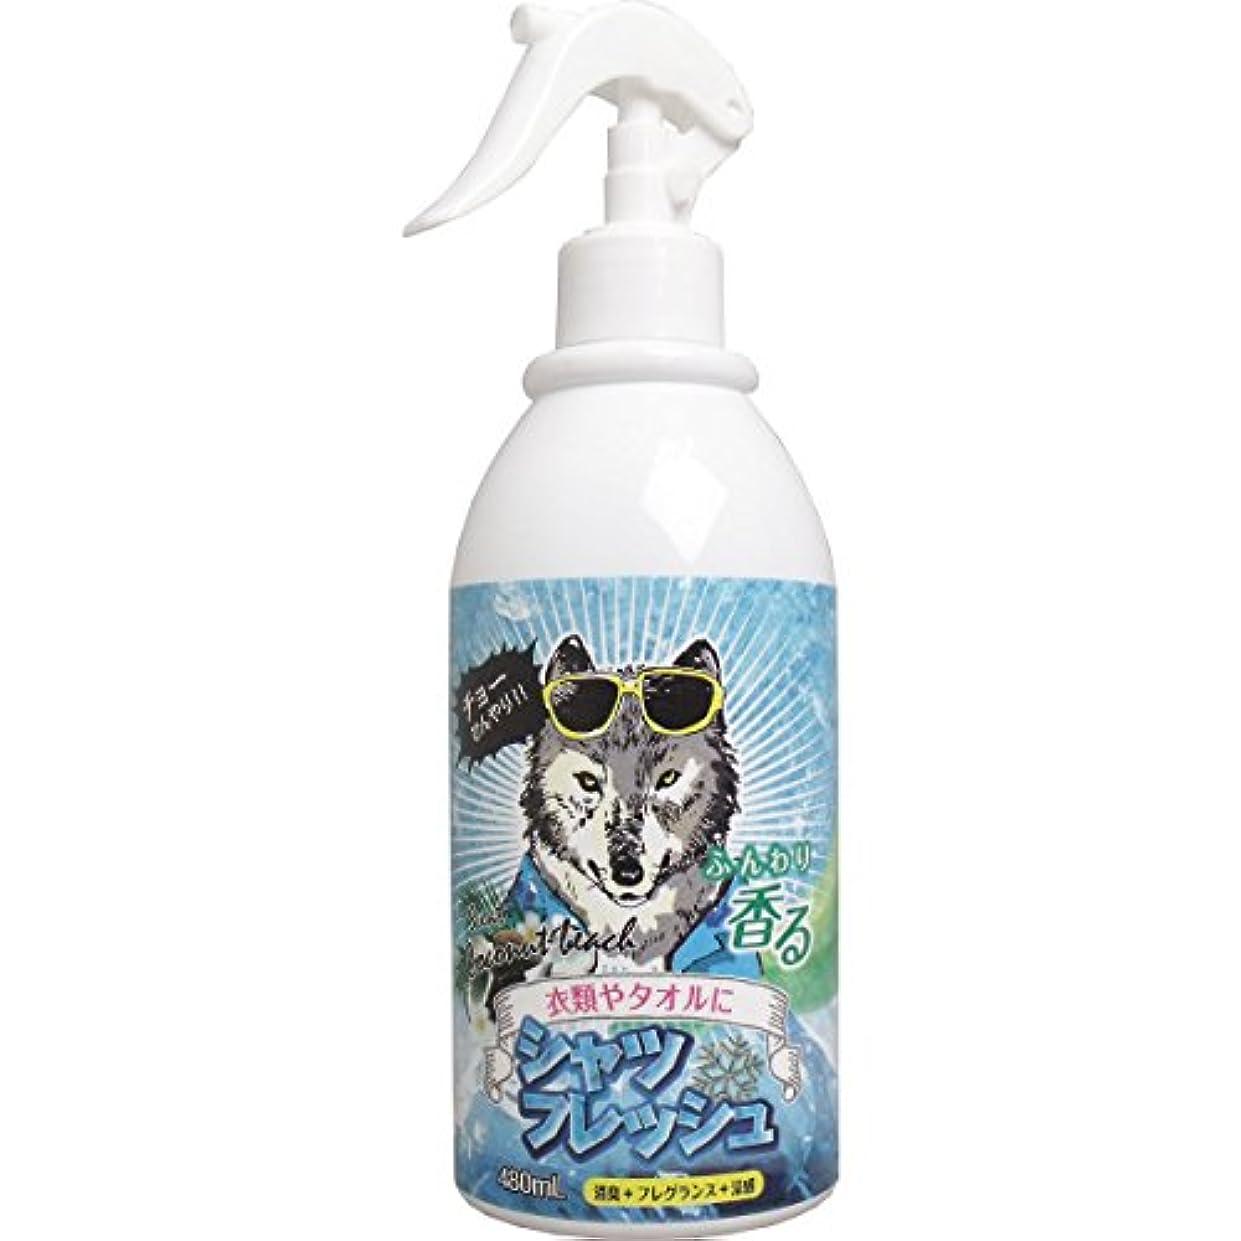 アフリカ人愚かなファイター香るシャツフレッシュ オオカミ ココナッツピーチの香り 480mL